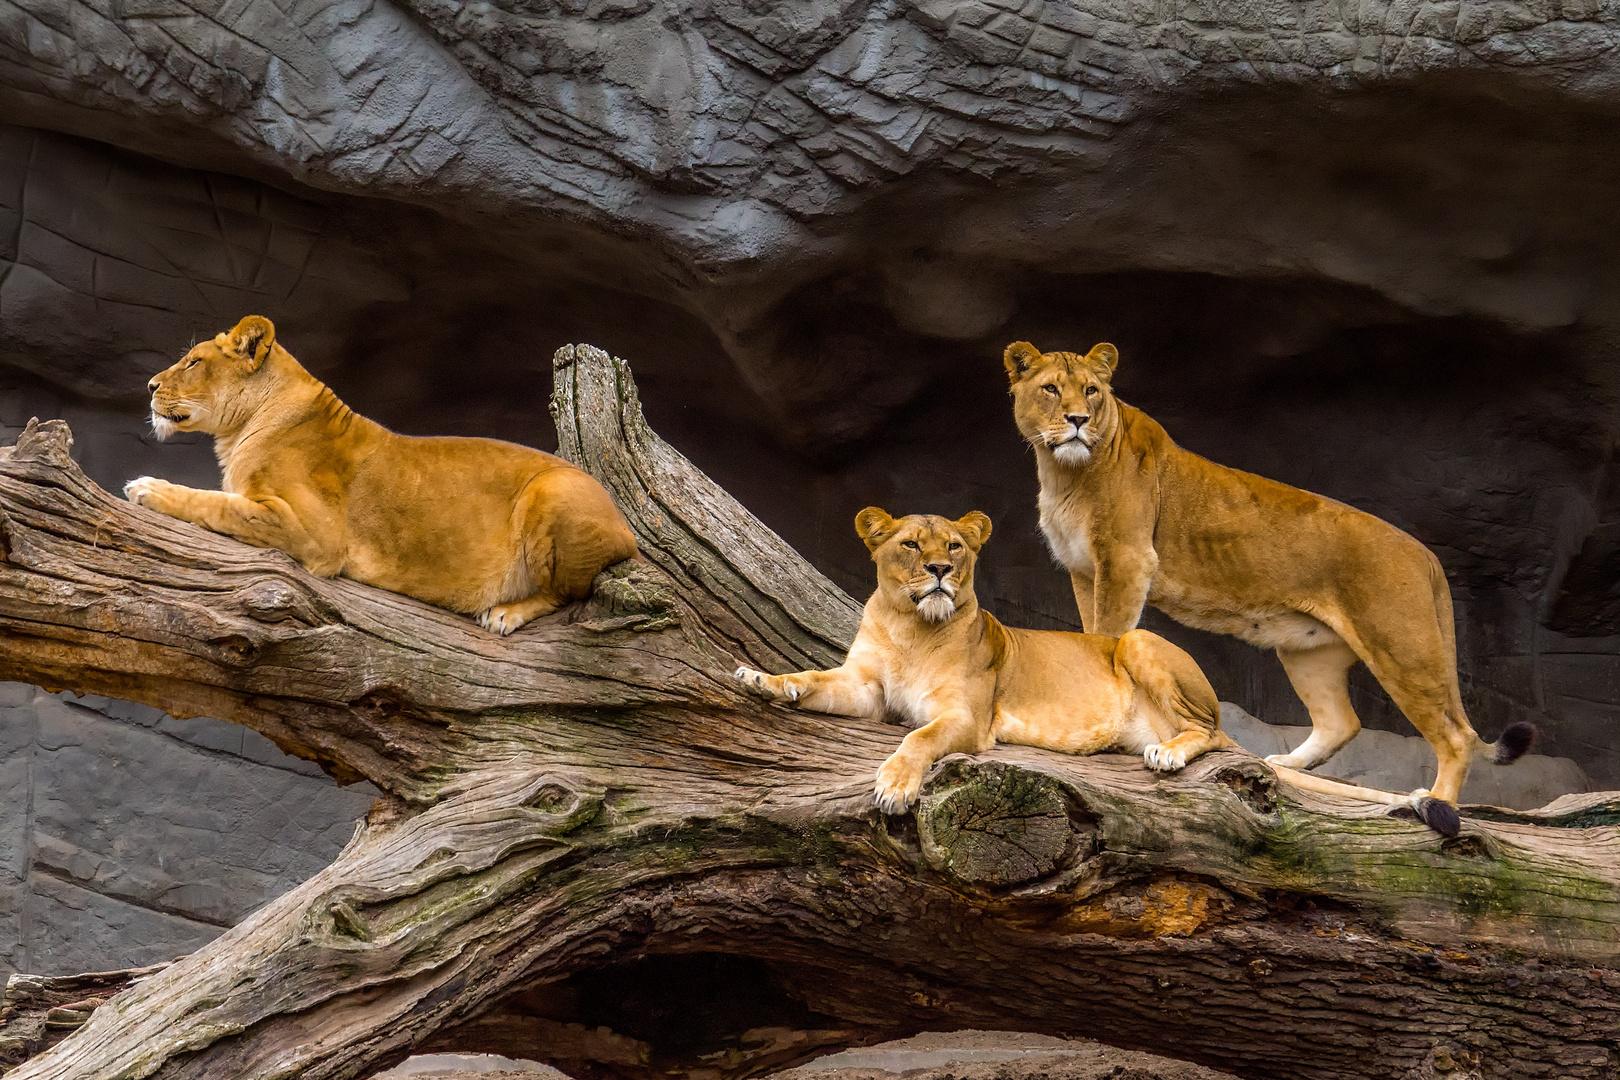 Die 3 Löwengirlz von Hagenbeck